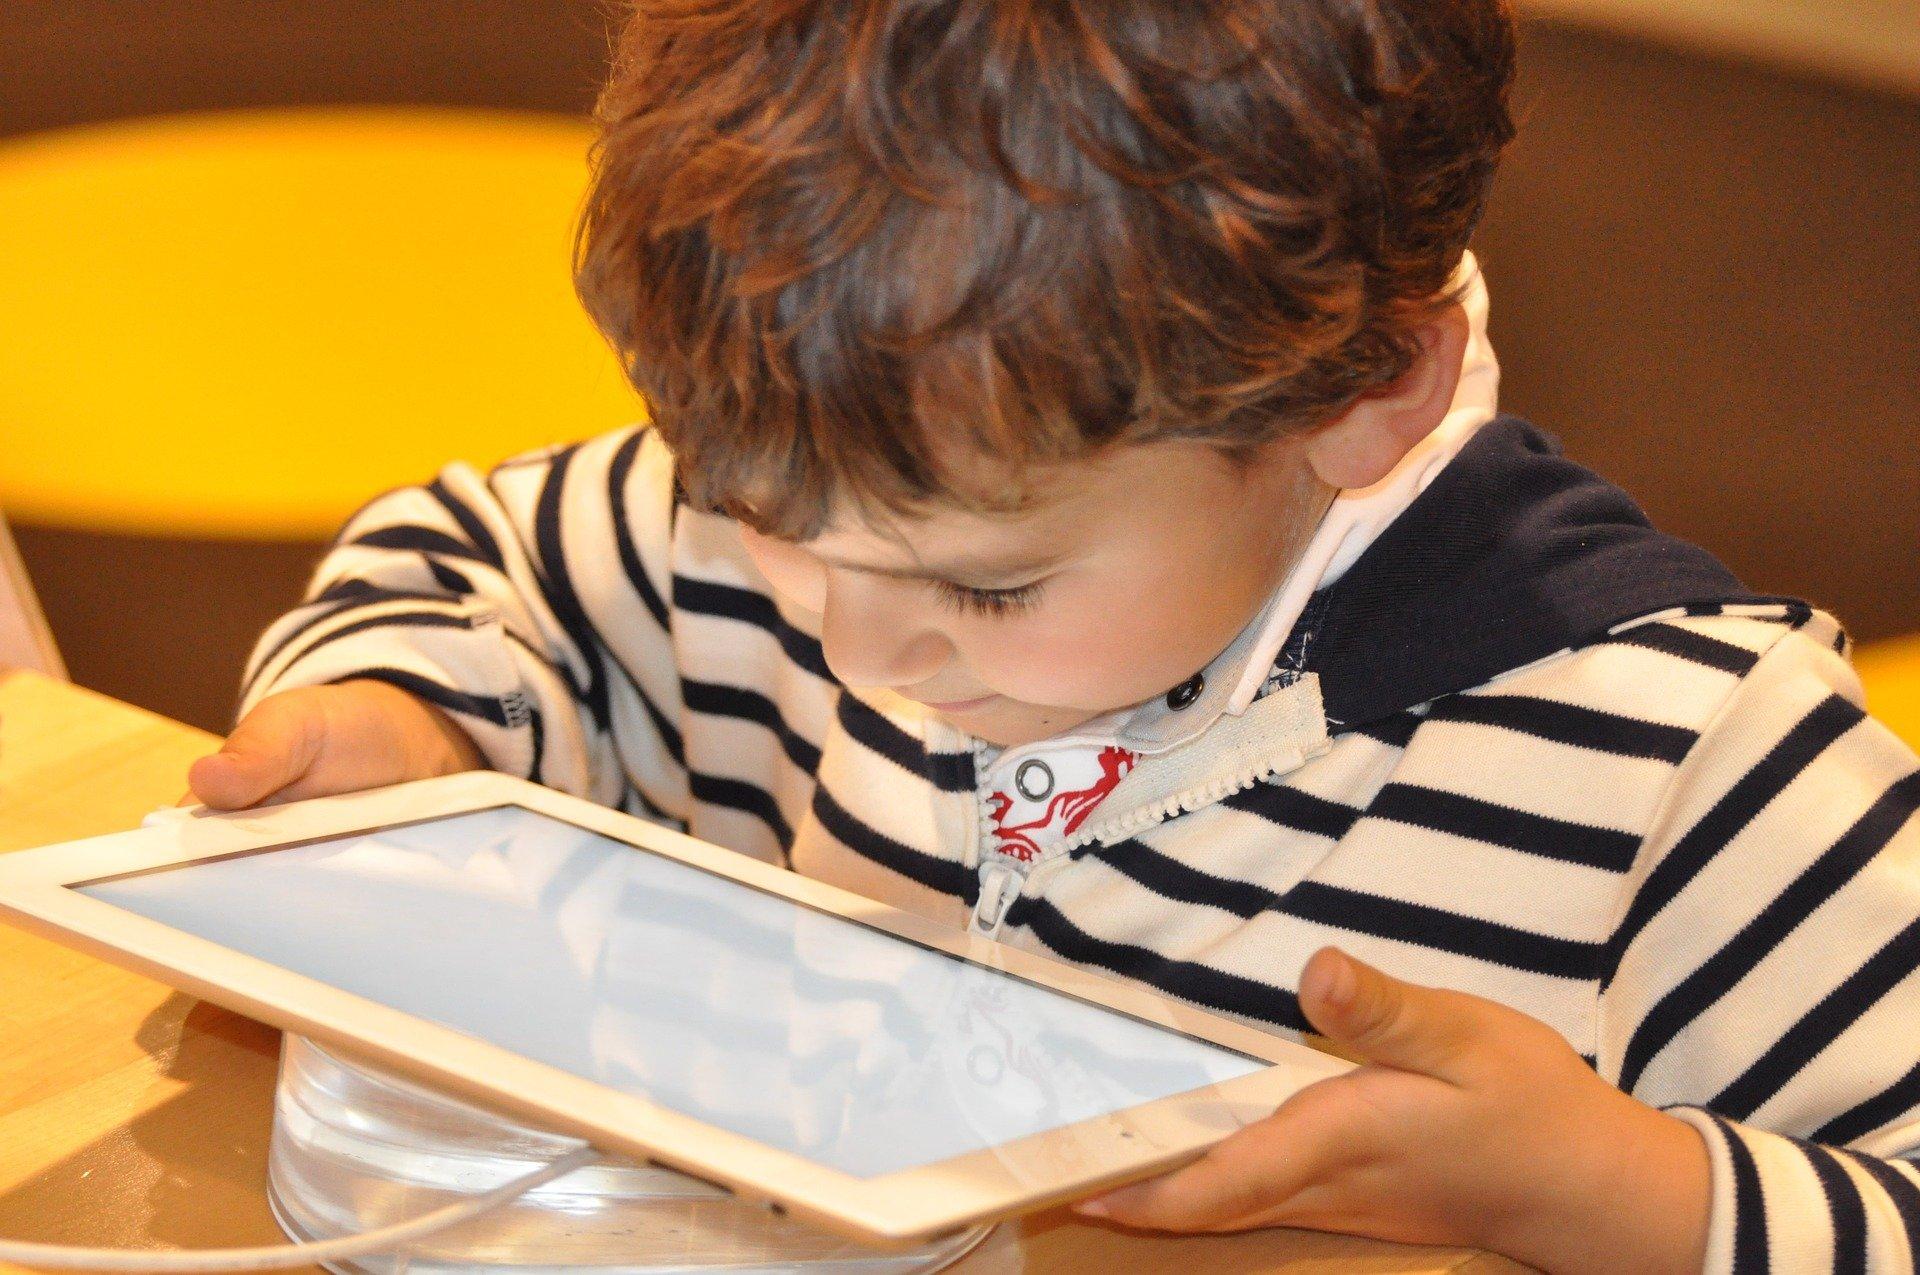 Dorośli powinni stać się dla dzieci przewodnikami po świecie nowych technologii (fot. Pixabay)